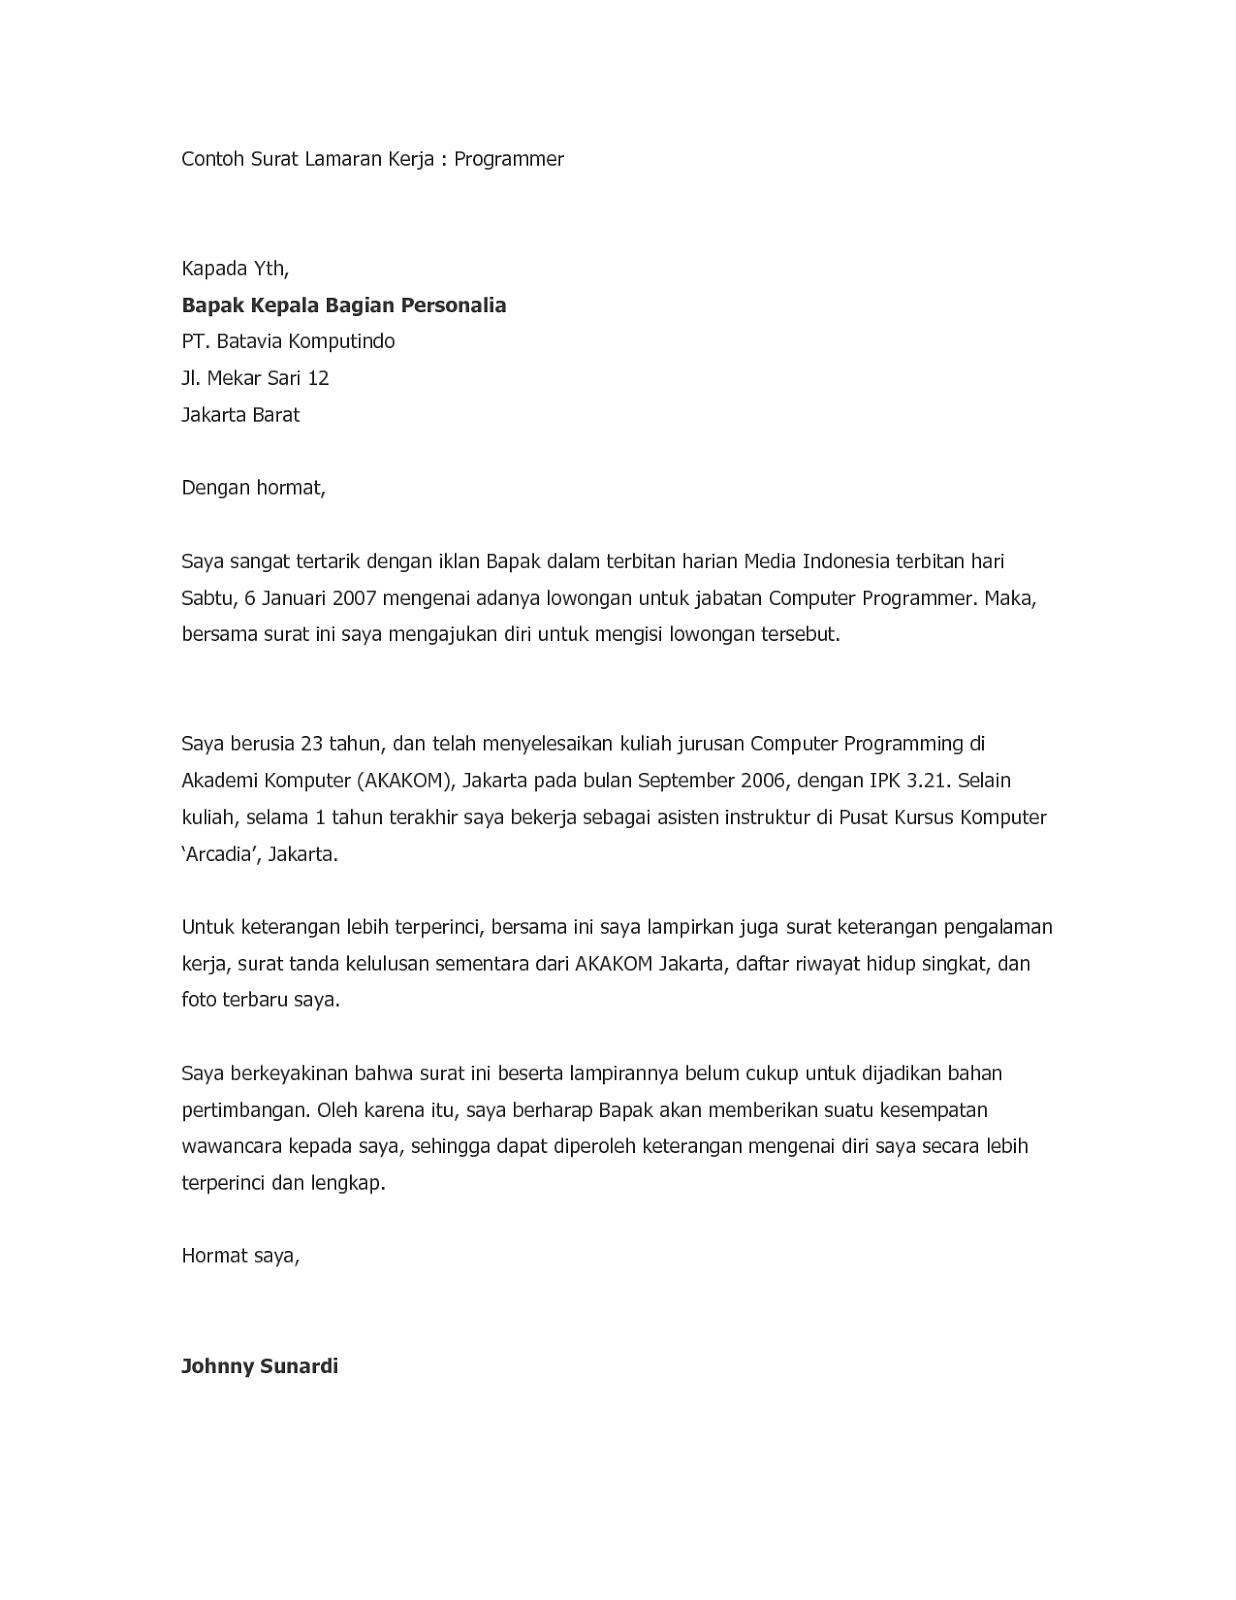 Contoh Surat Lamaran Kerja Fresh Graduate 3 Tulisan